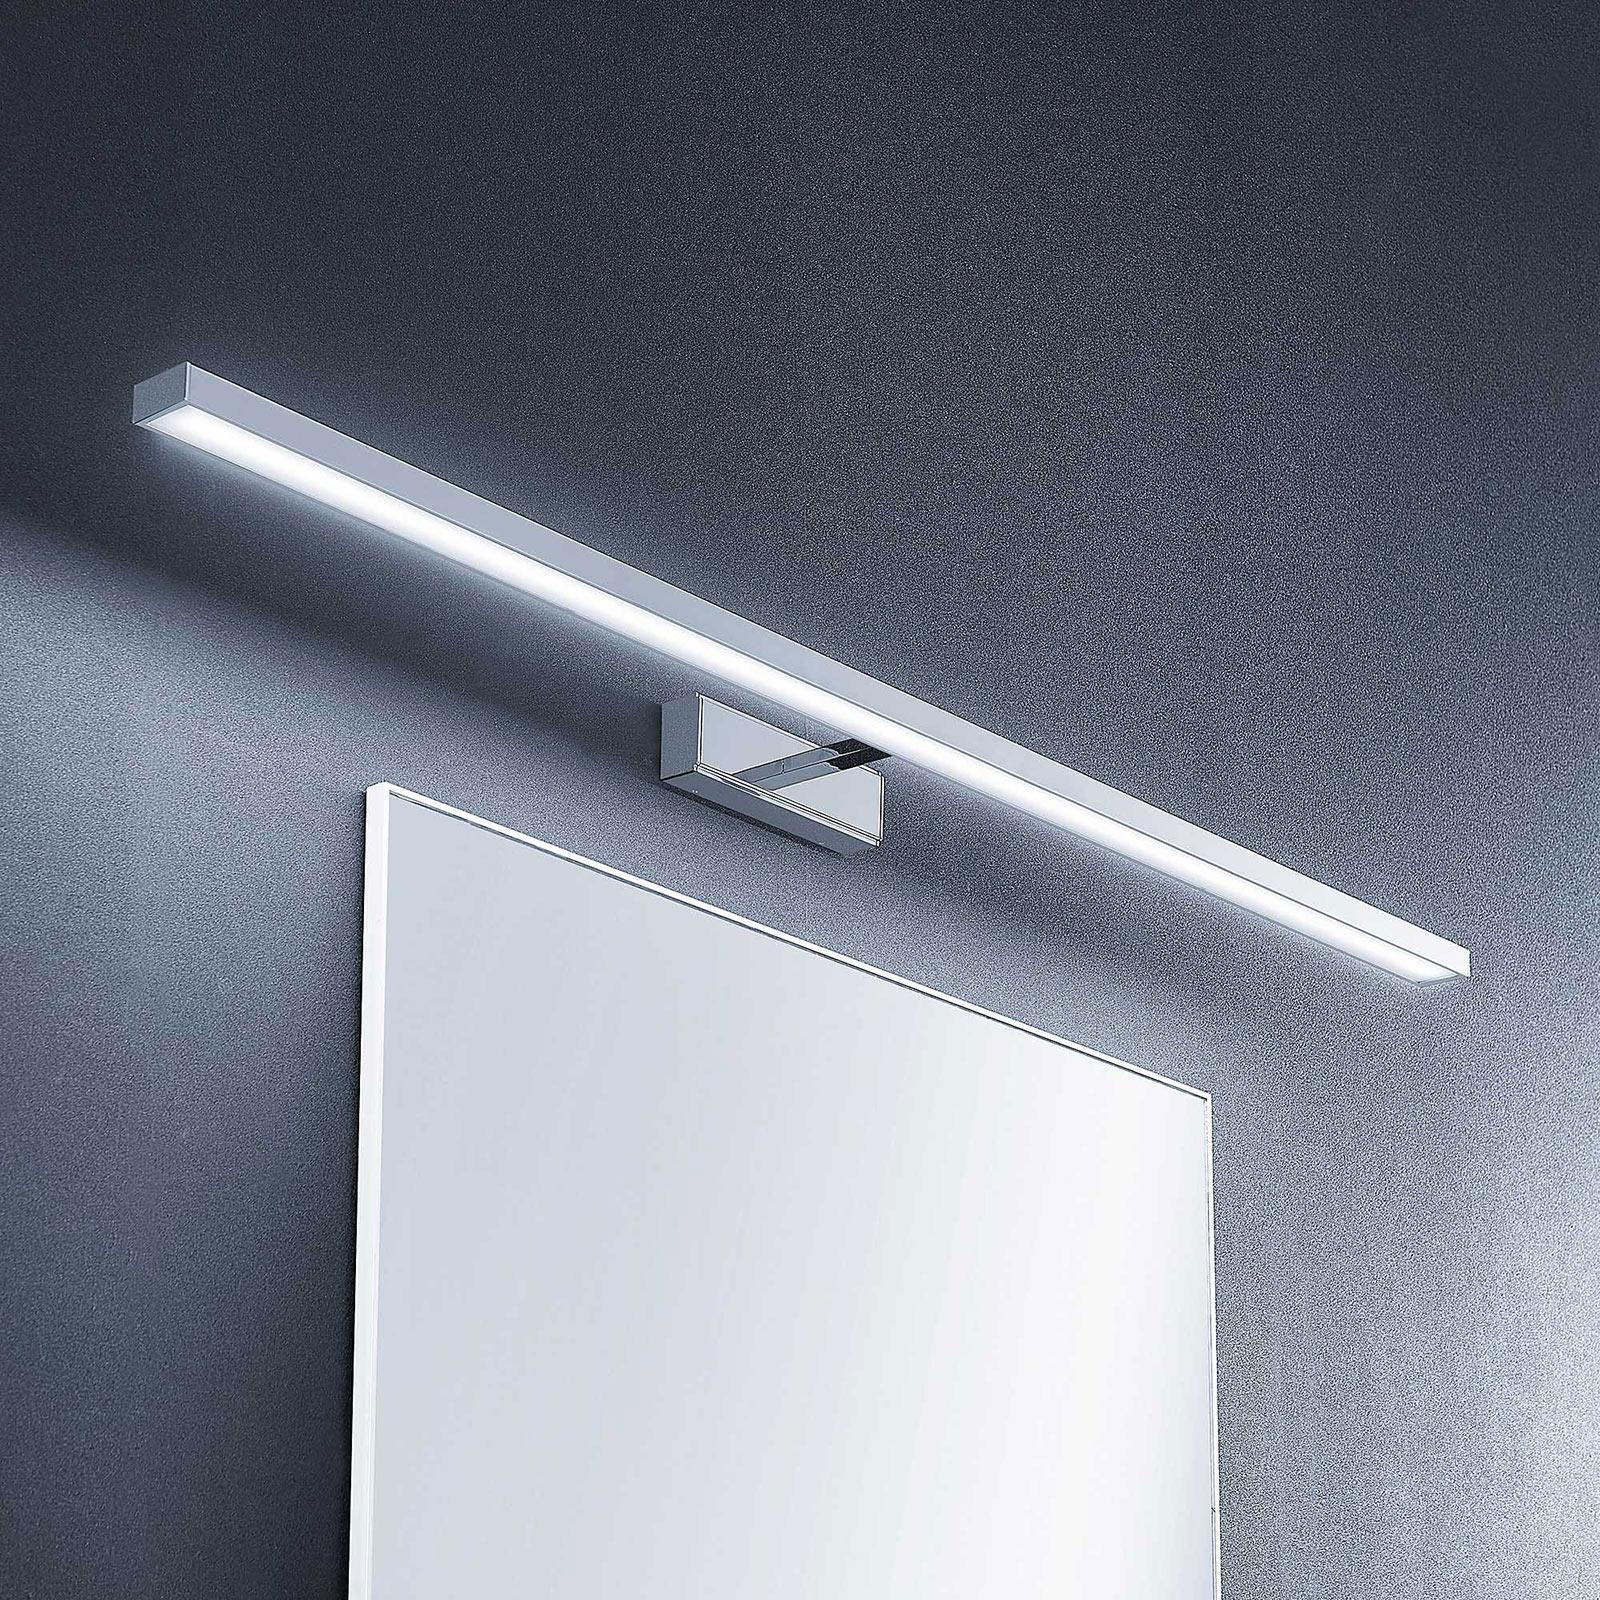 Lindby Jukka Applique Miroir Led Salle Bain 120 Cm Luminaire Fr